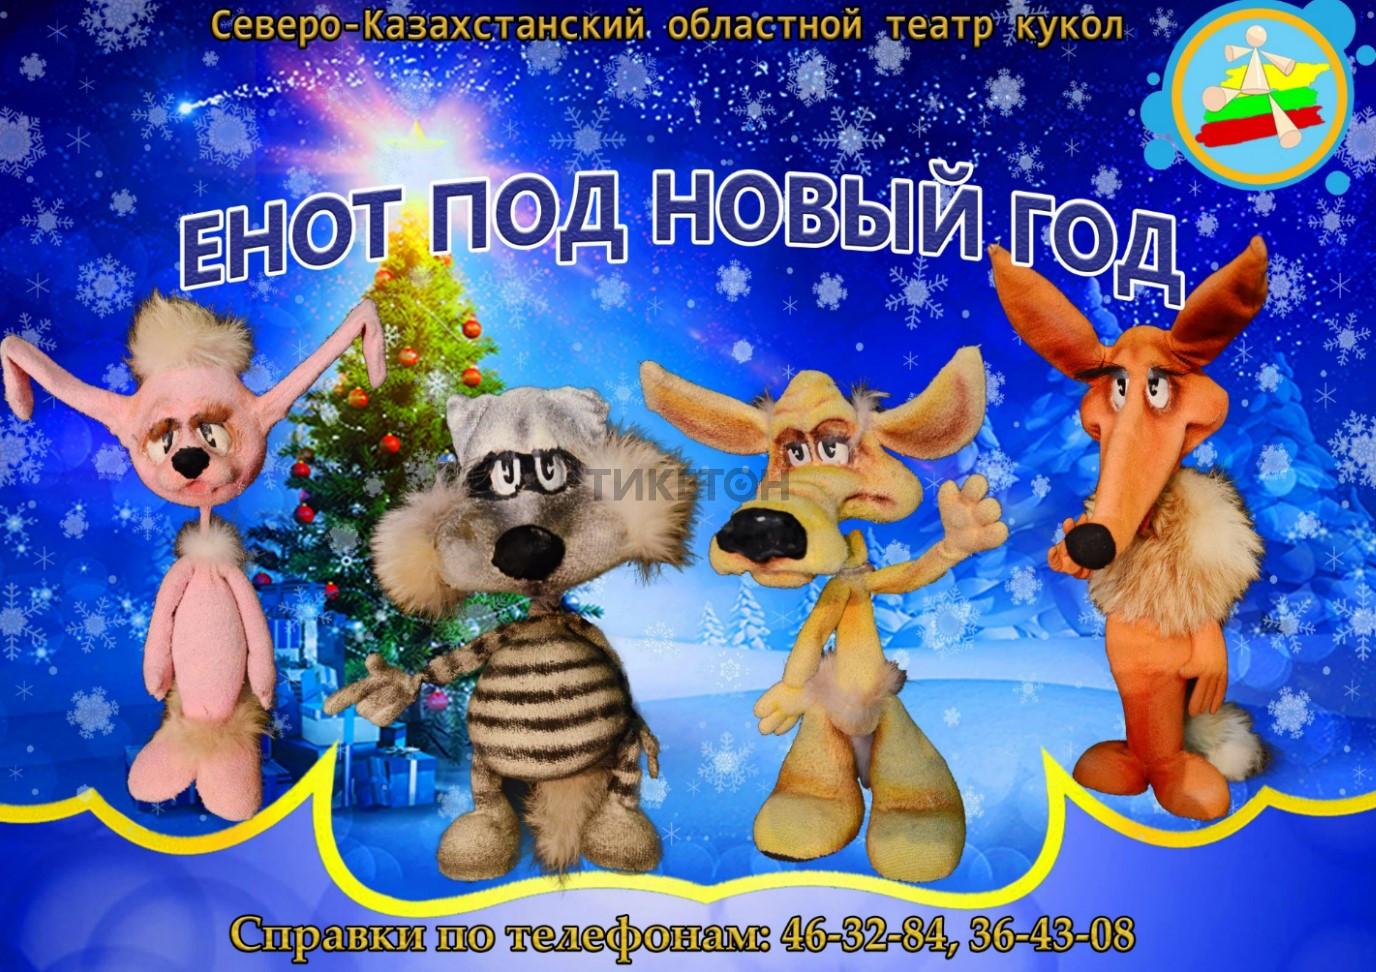 enot-pod-novyy-god